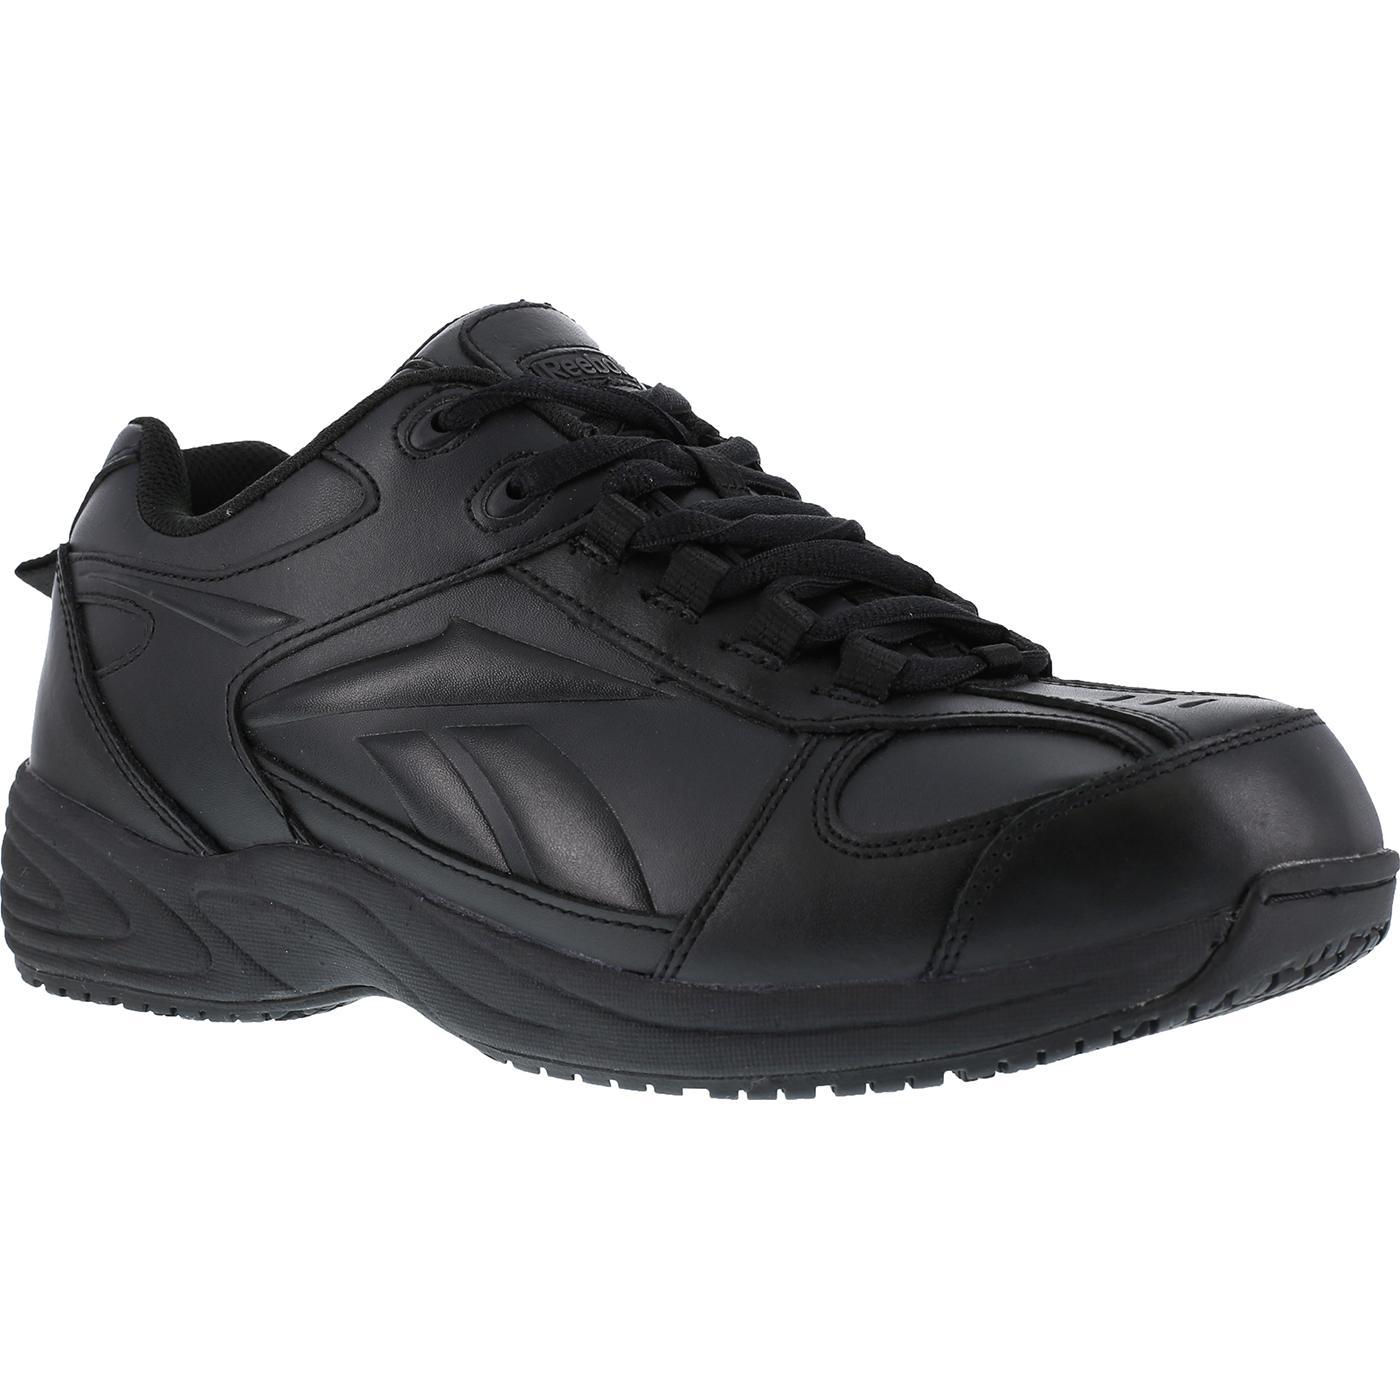 Reebok Jorie Slip-Resistant Work Athletic ShoeReebok Jorie Slip-Resistant  Work Athletic Shoe 596109389